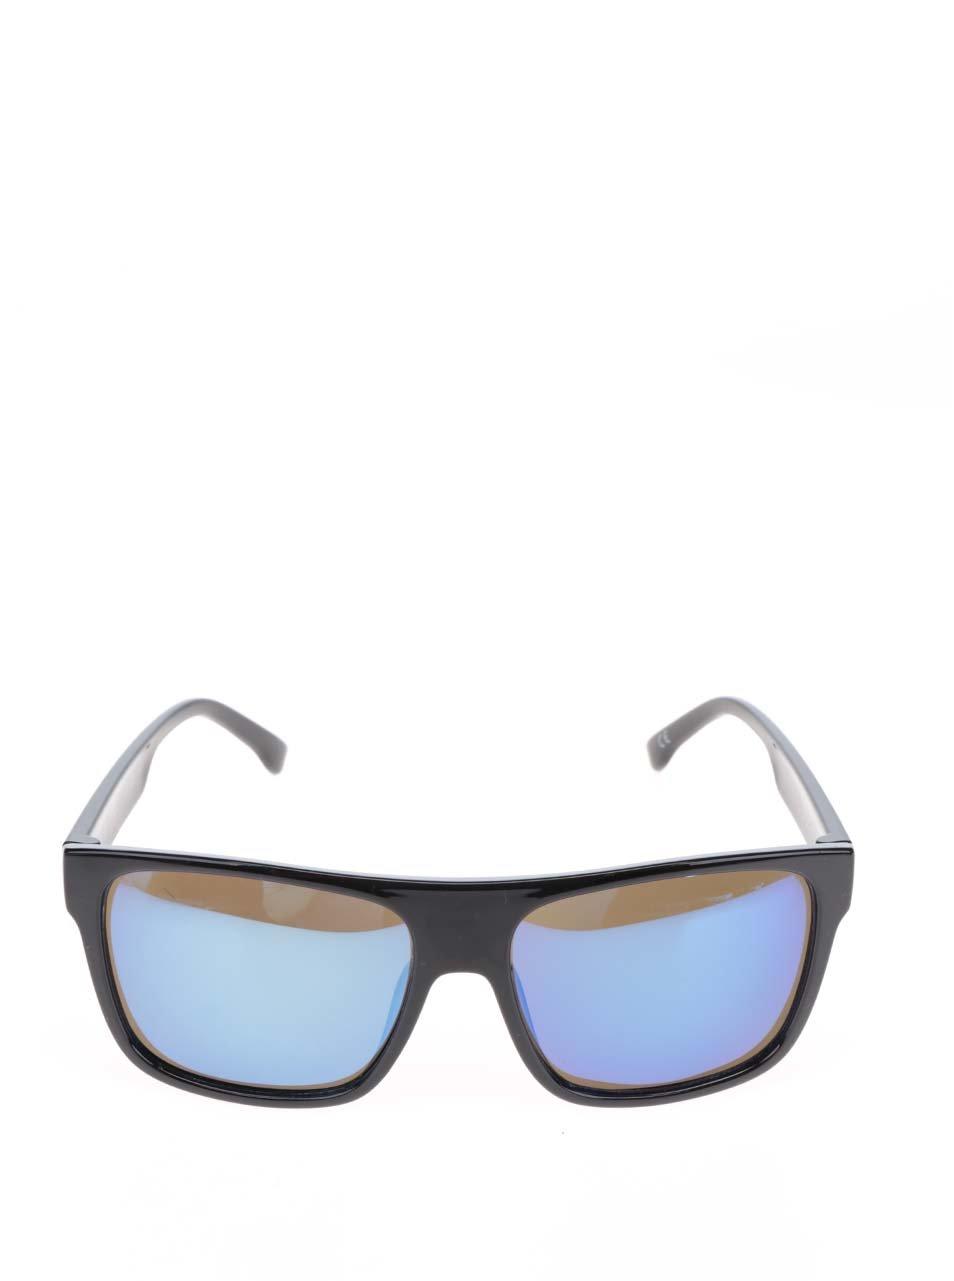 23c4b1f53 Čierne pánske slnečné okuliare s modrými sklami Nectar Highbro | ZOOT.sk